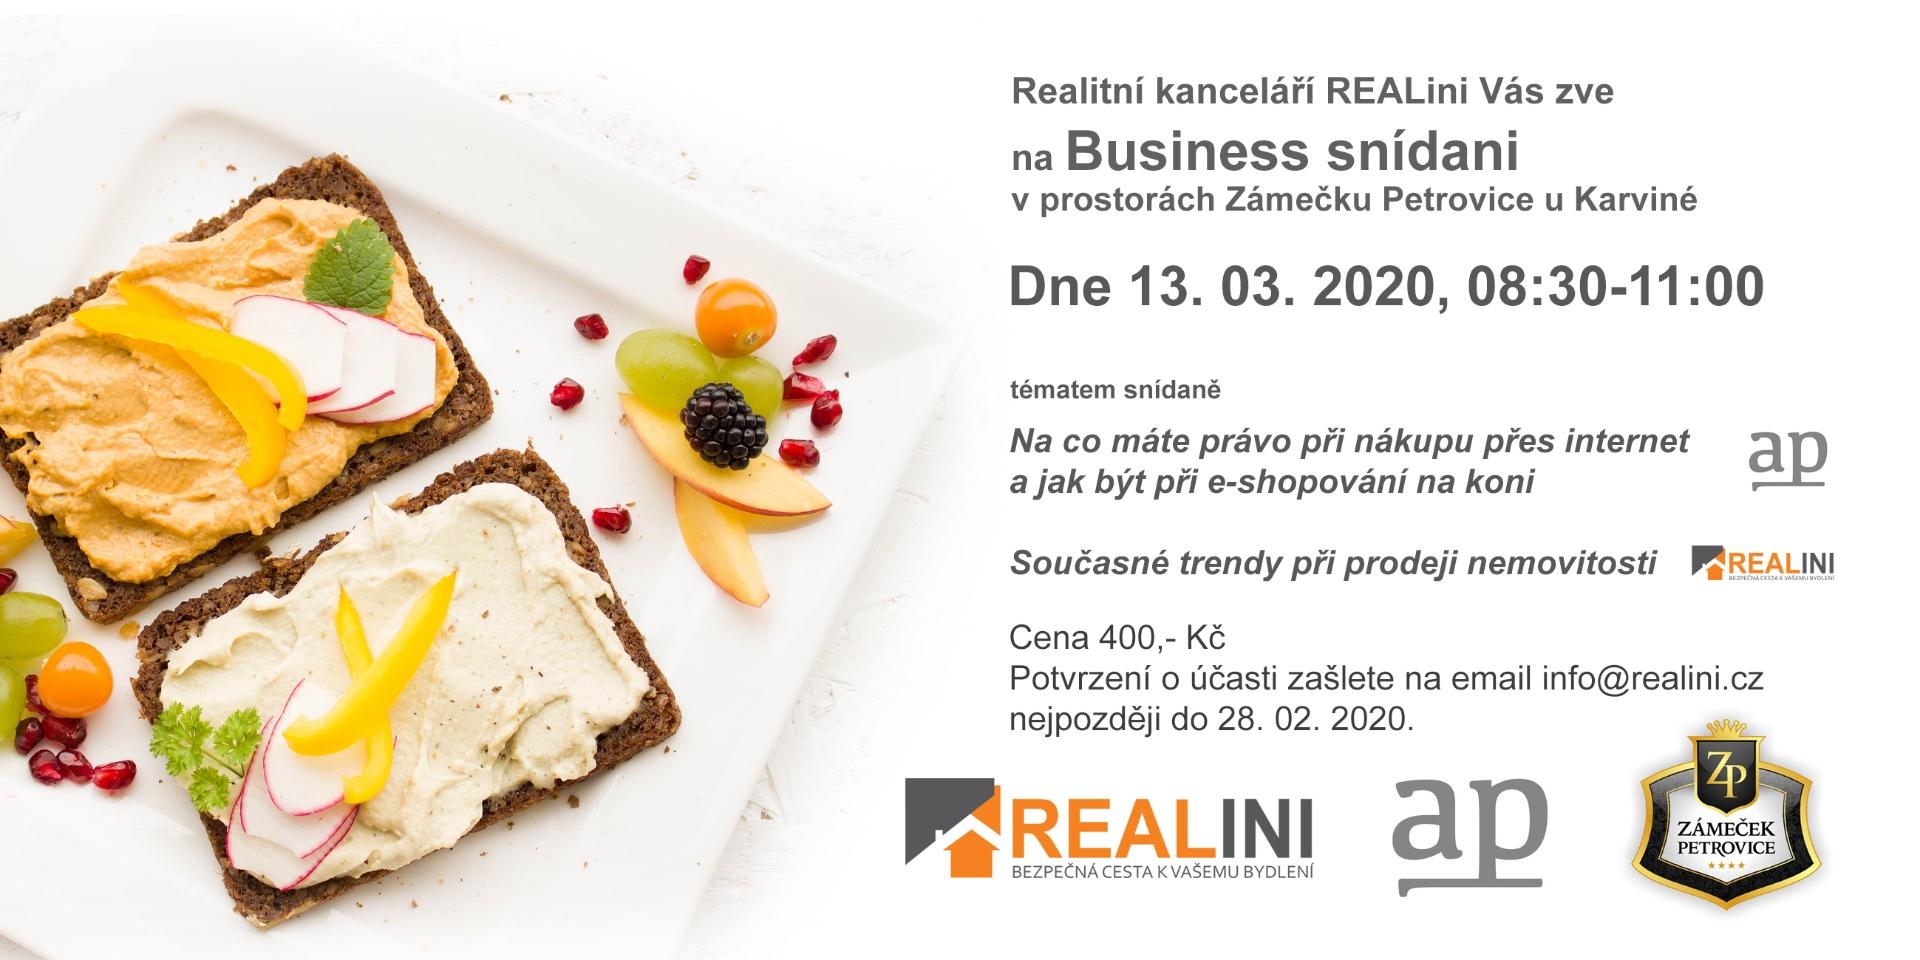 3.business snídaně